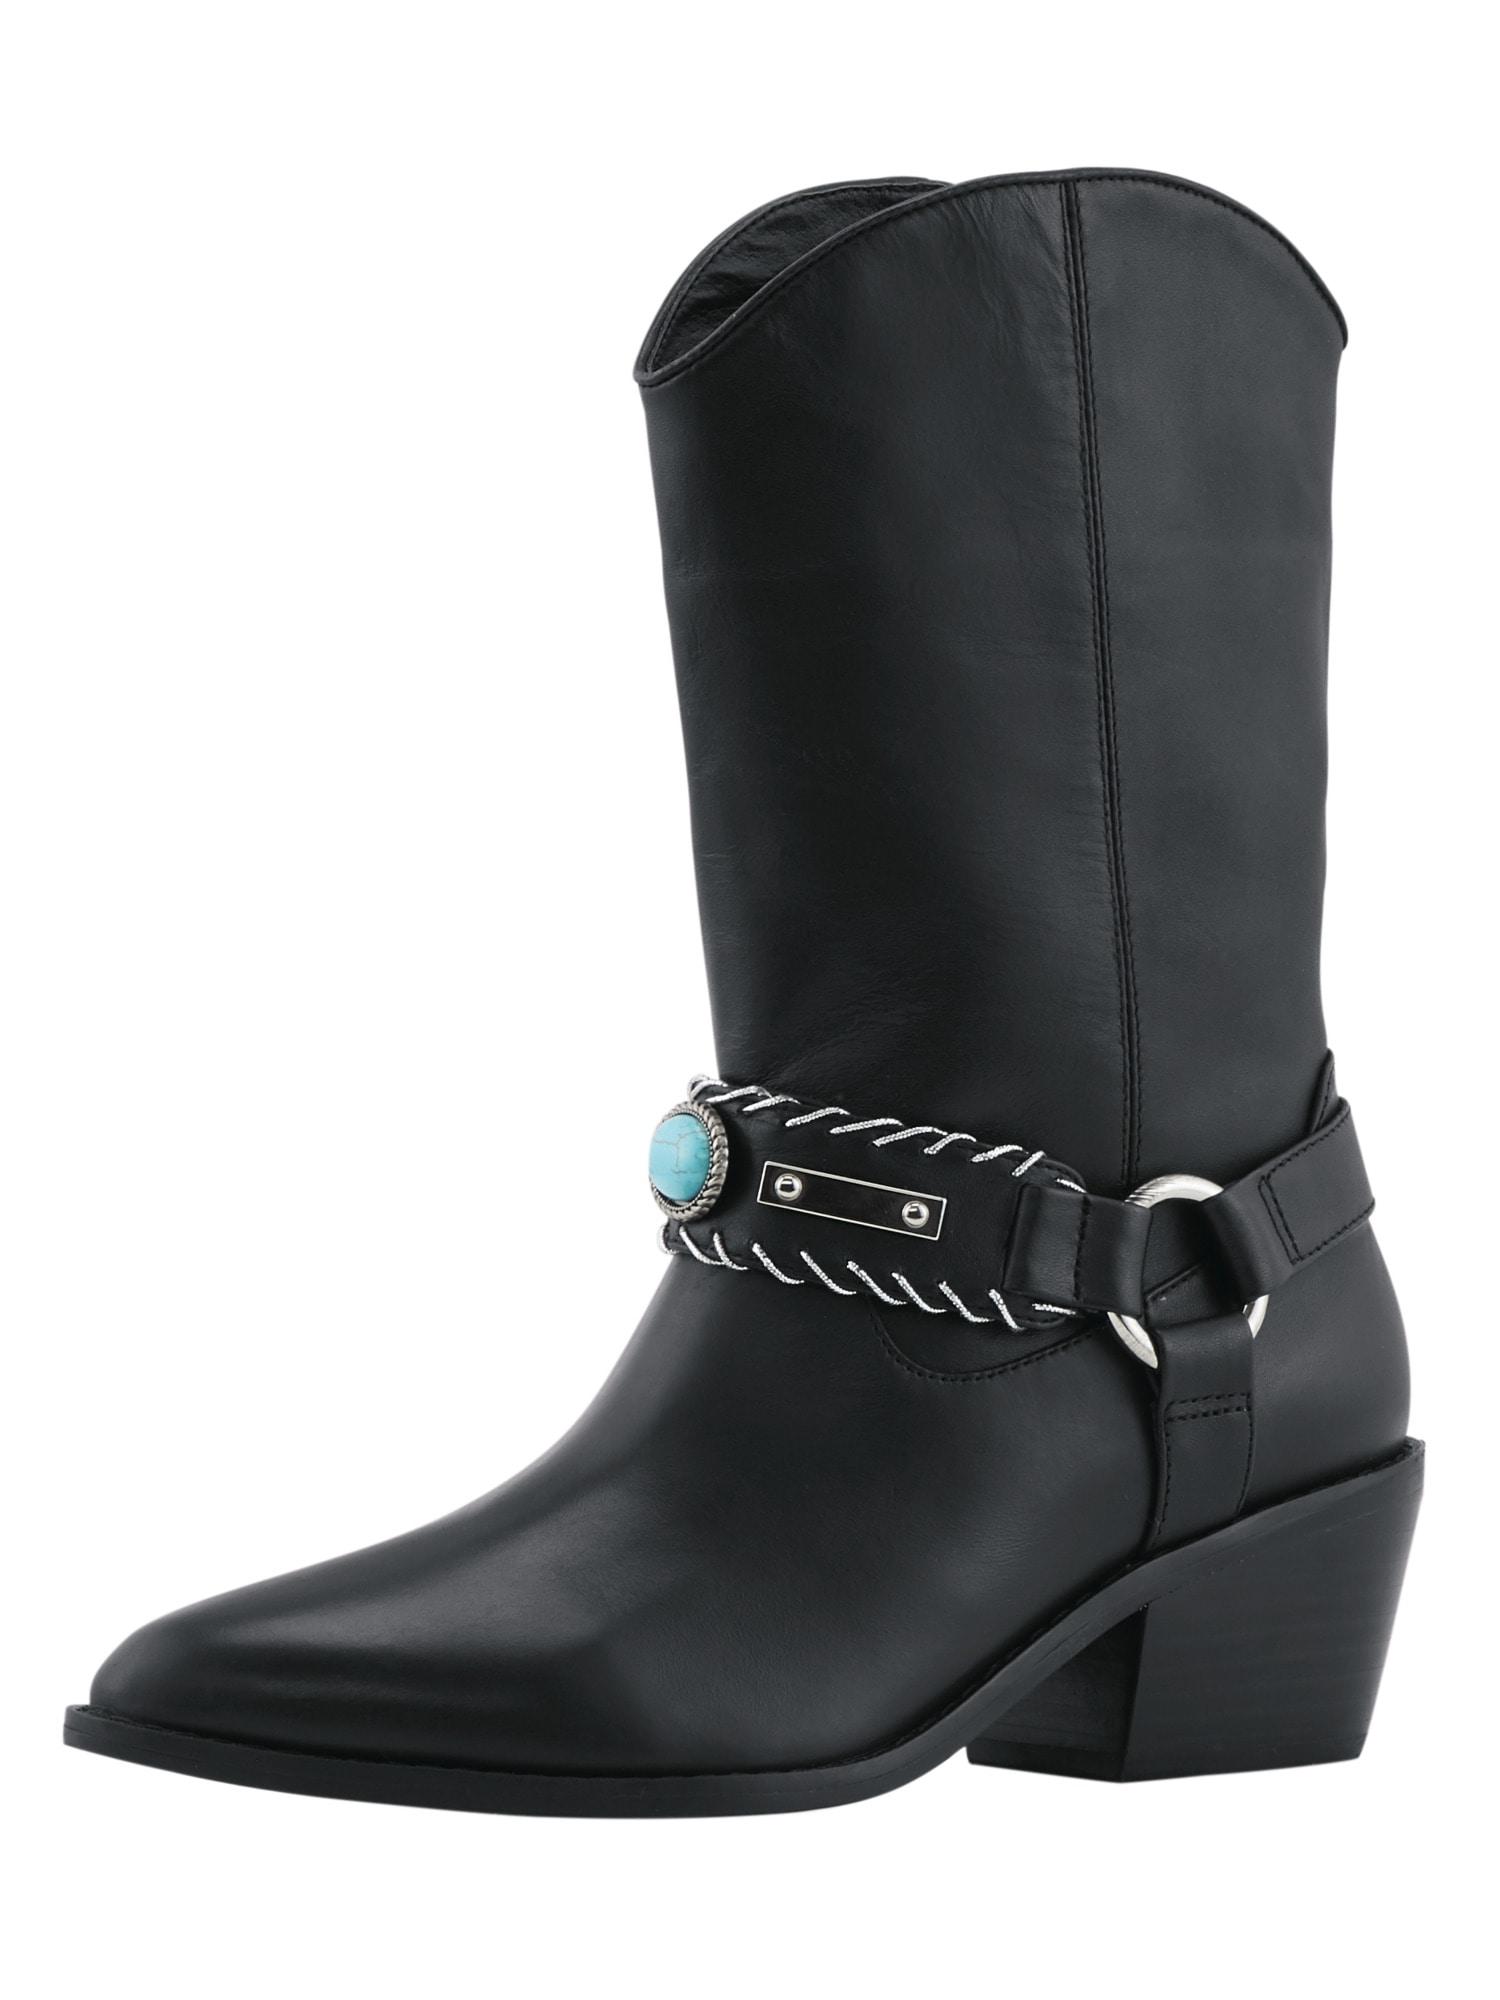 Heine Stiefel im angesagten Cowboy-Stil   Schuhe > Stiefel   Schwarz   Heine